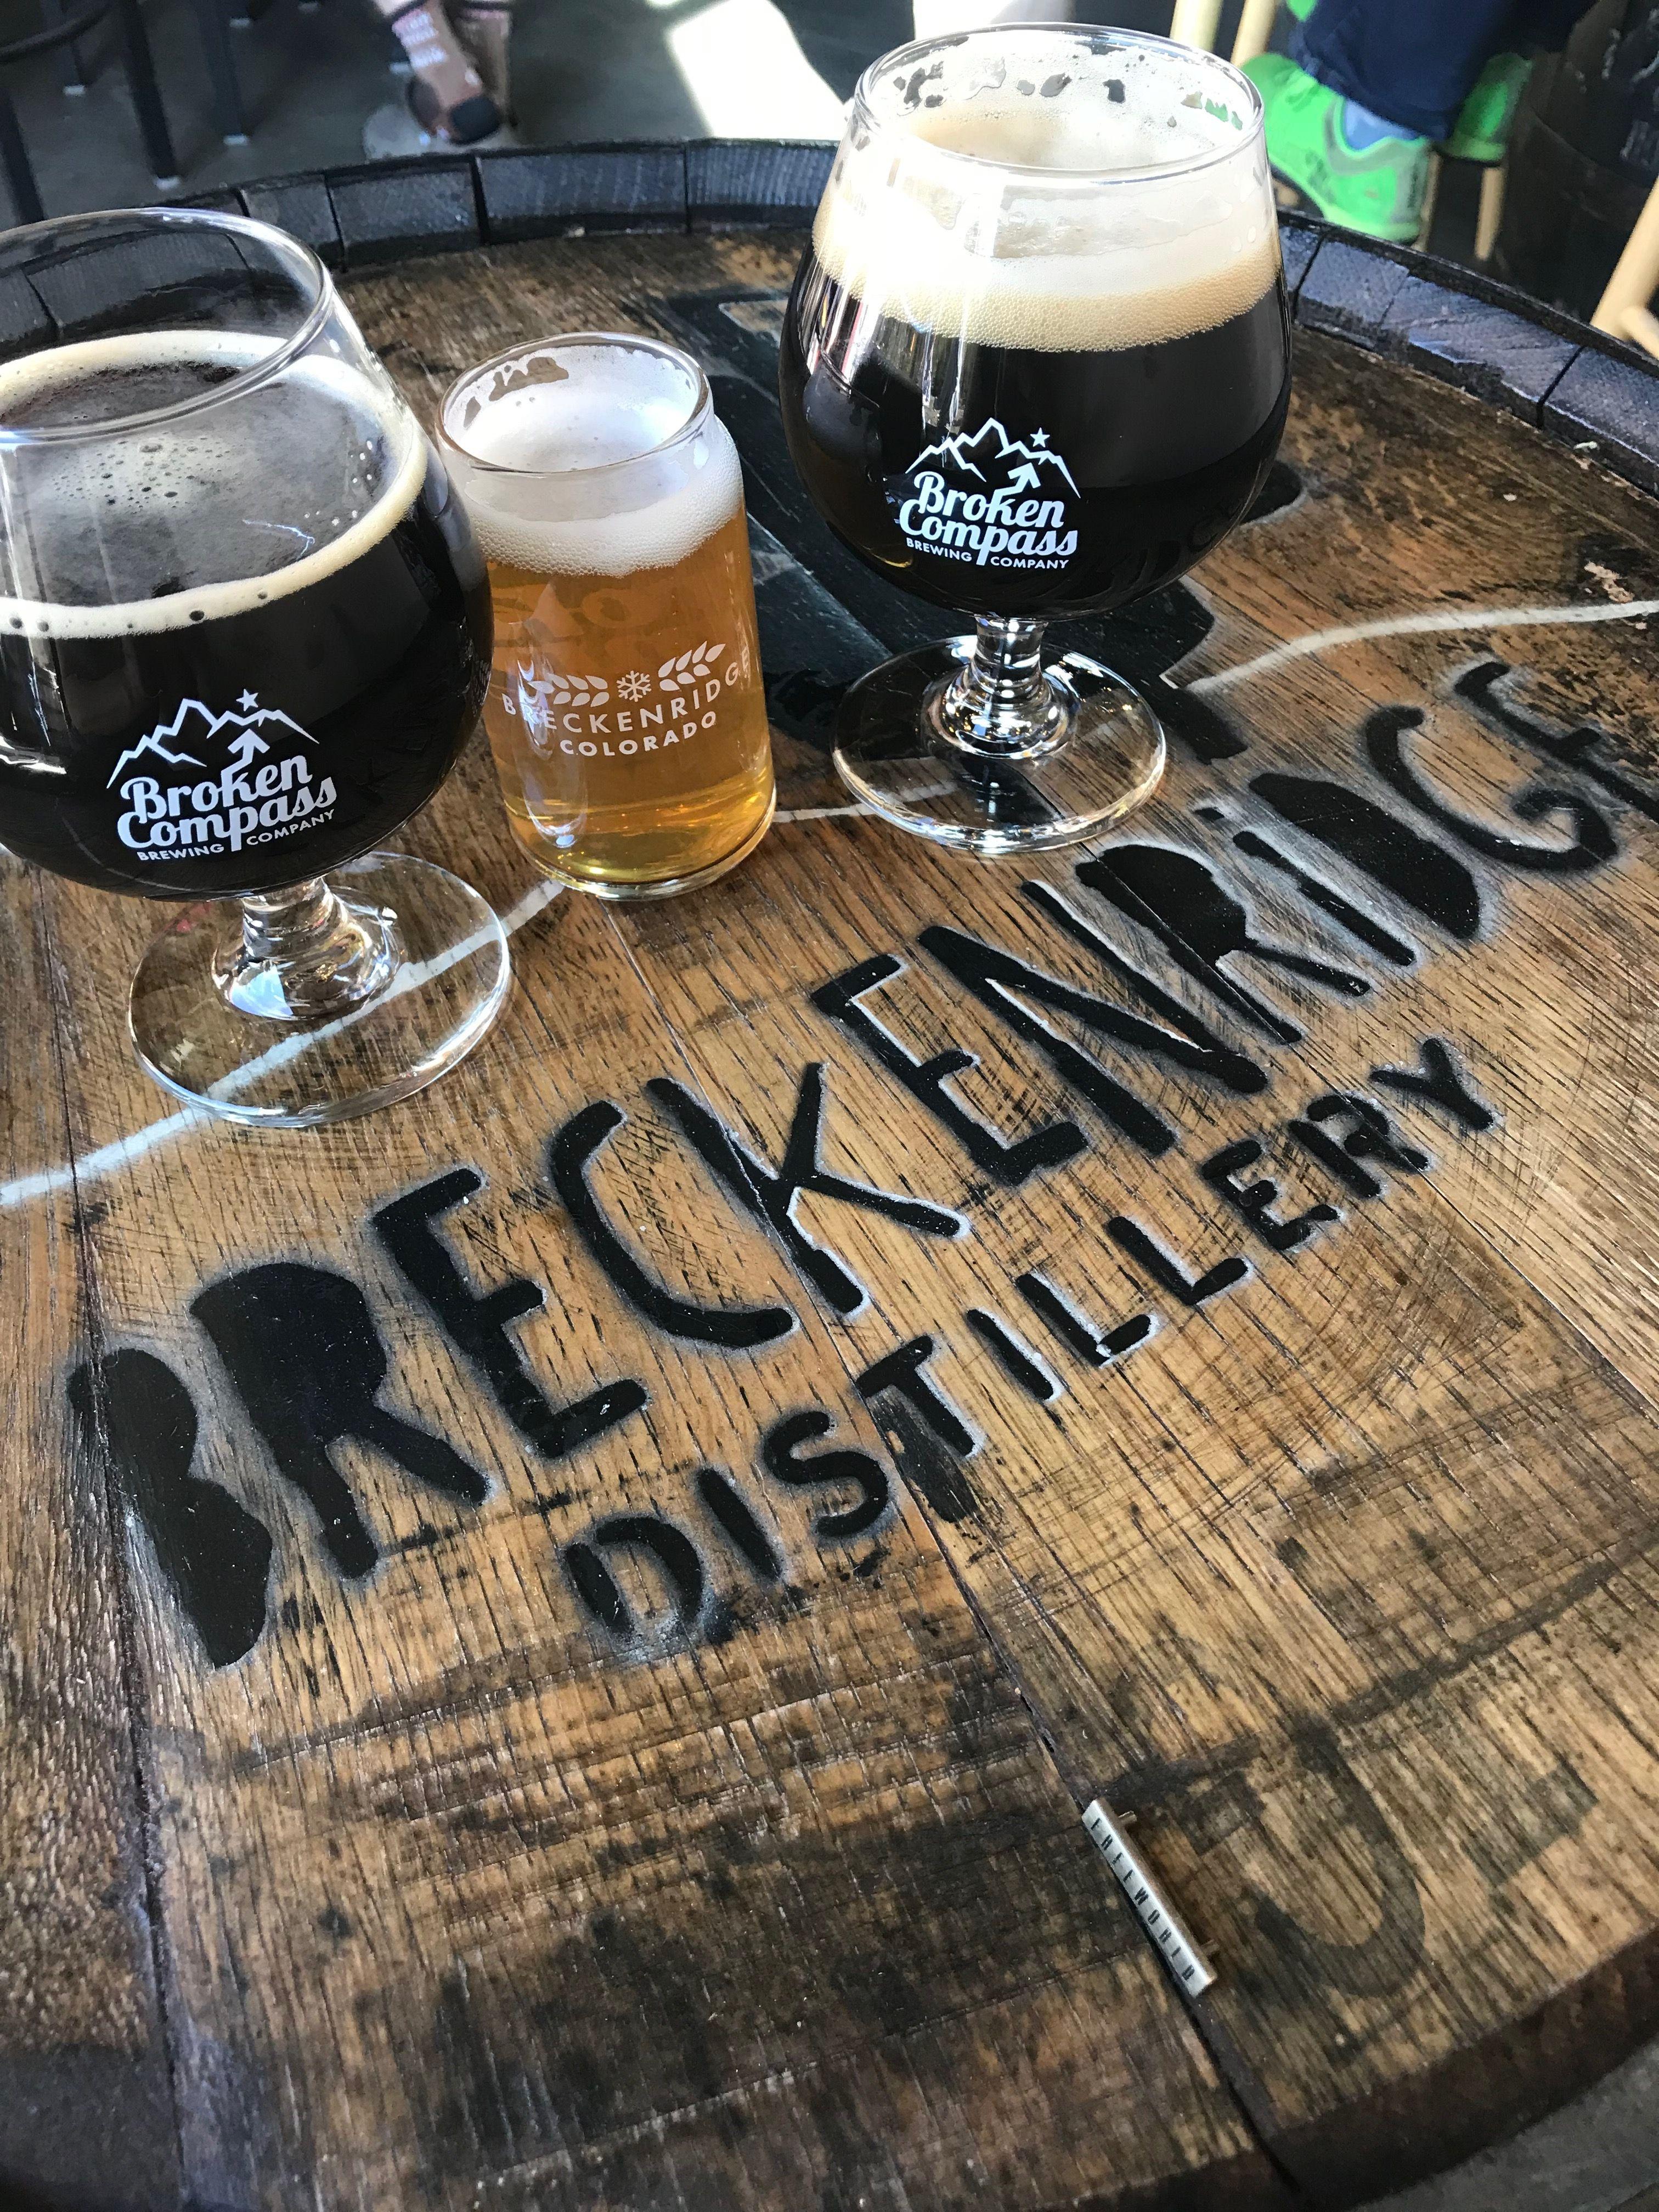 BROKEN COMPASS COMPANY BREWERY BEER STICKER Breckenridge Colorado Brew Brewing